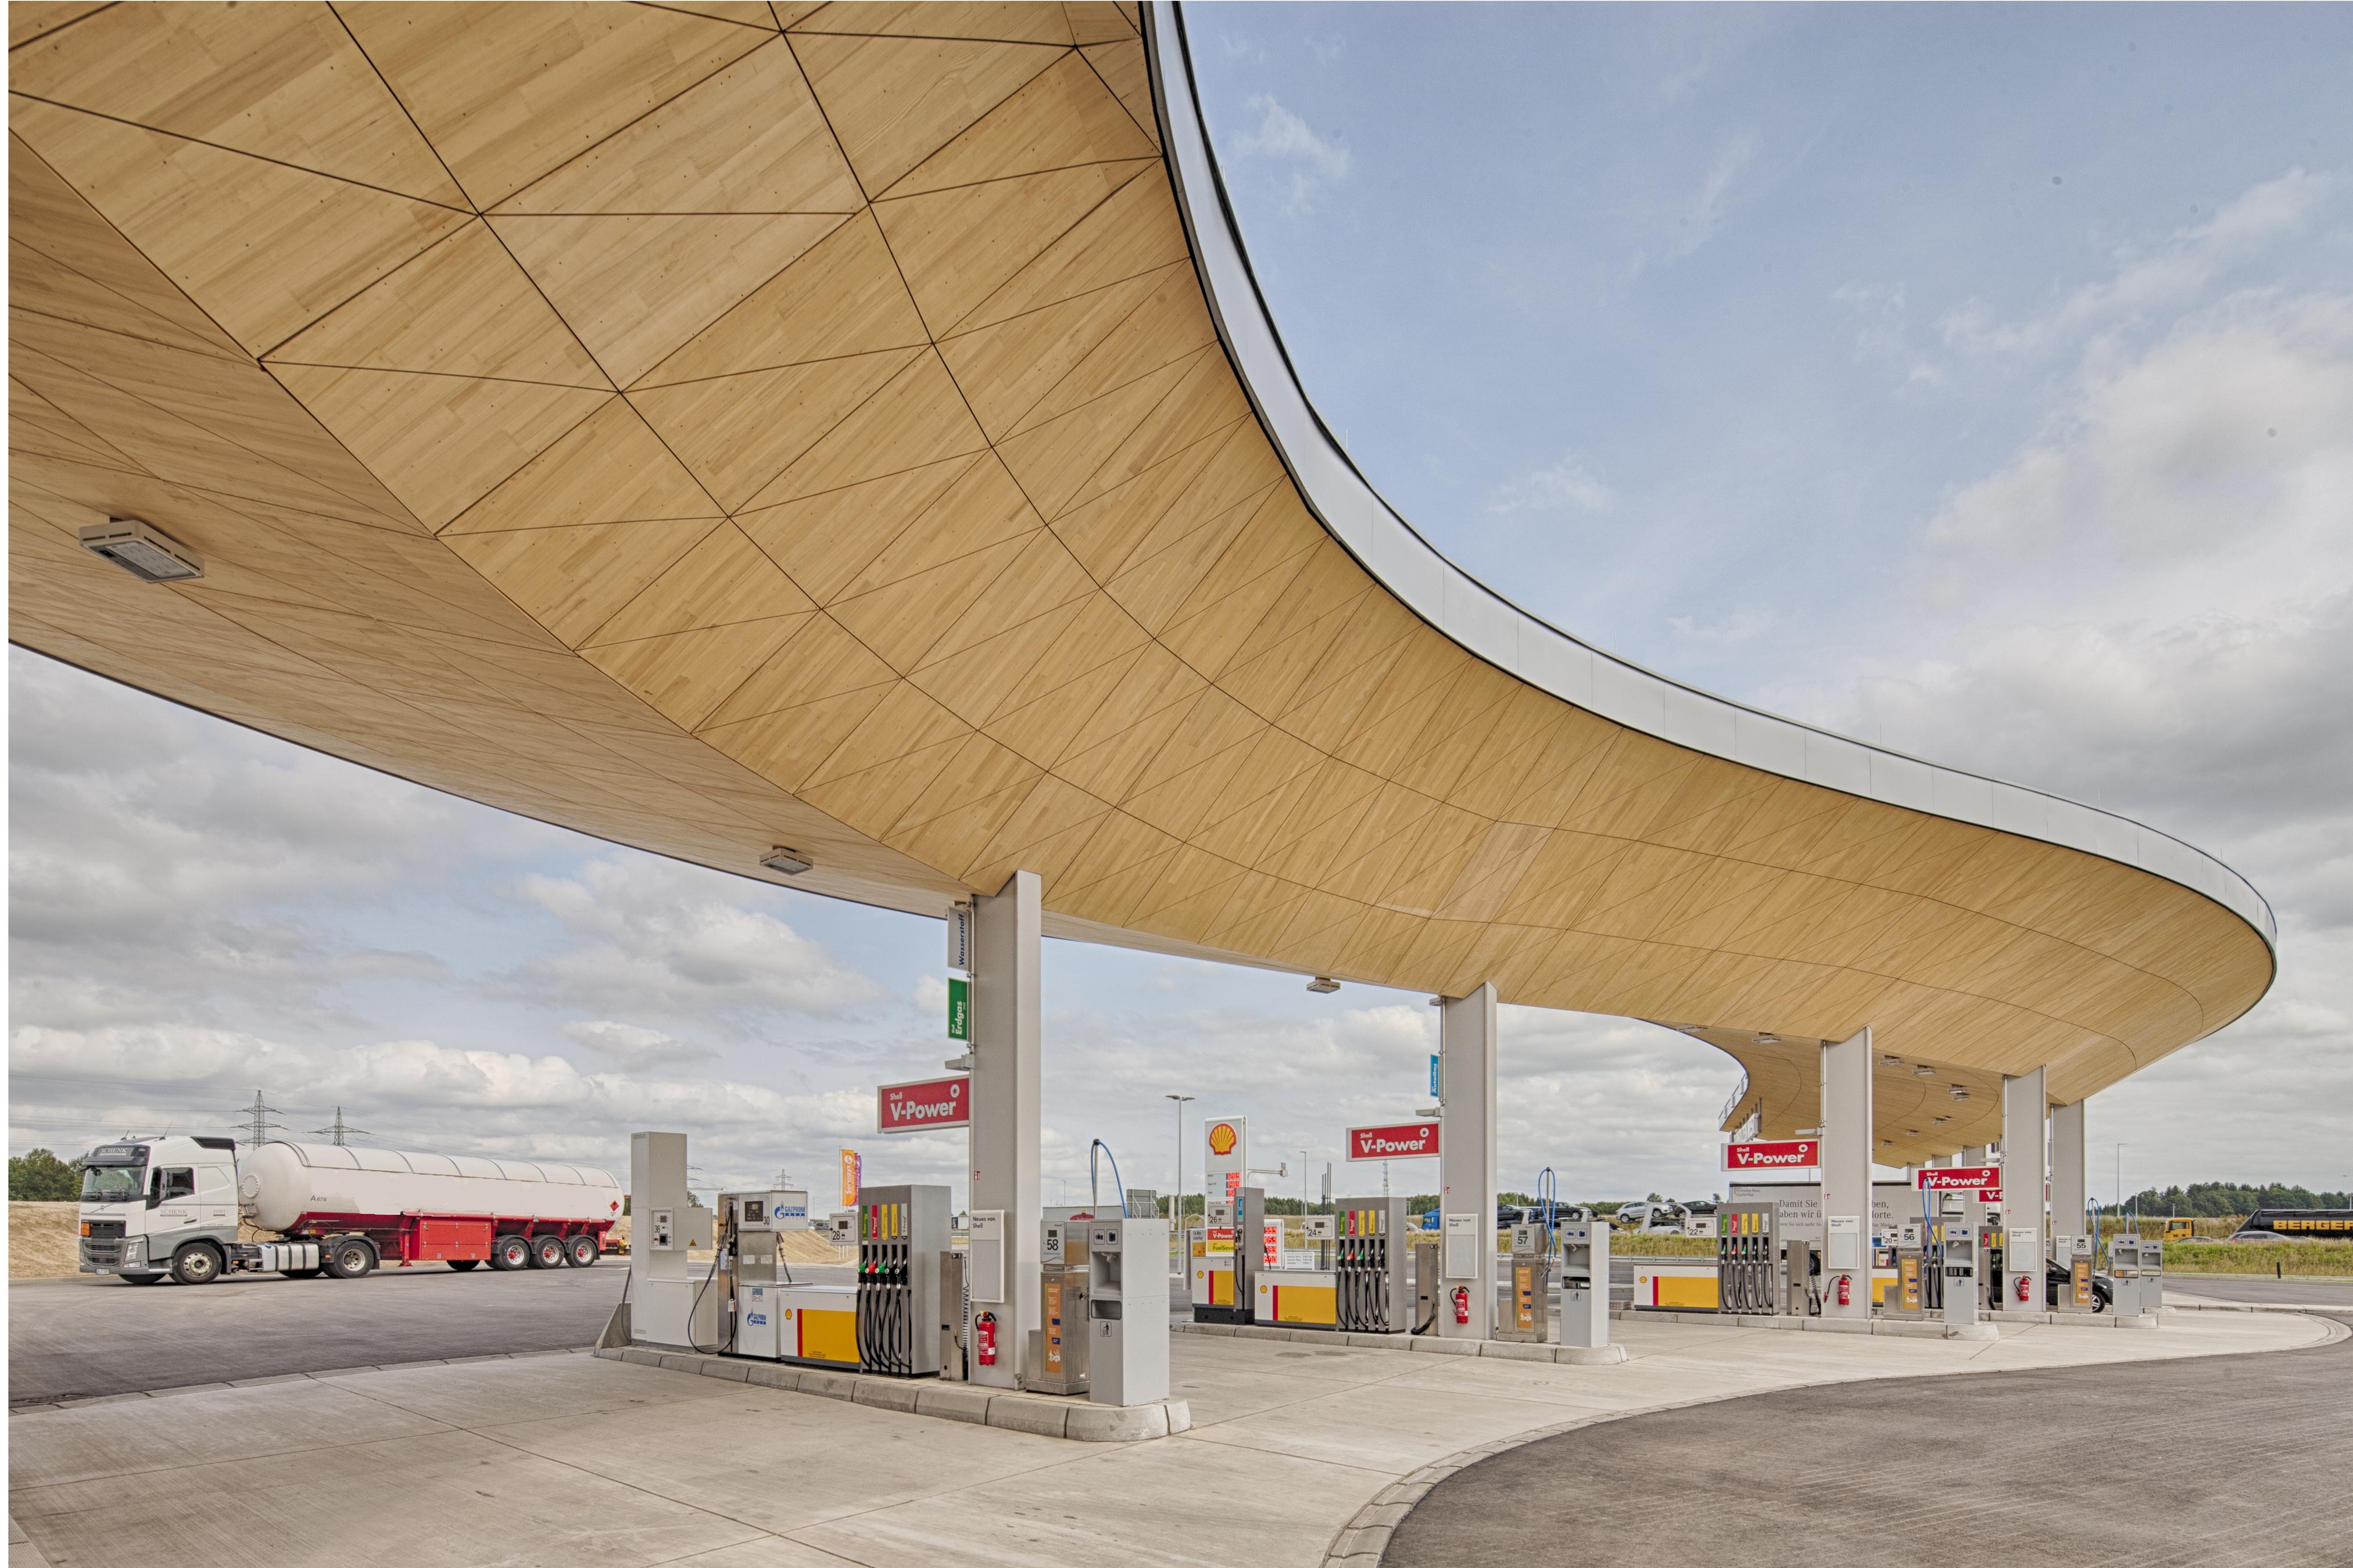 Die futuristische Architektur der Fürholzener Tankstelle